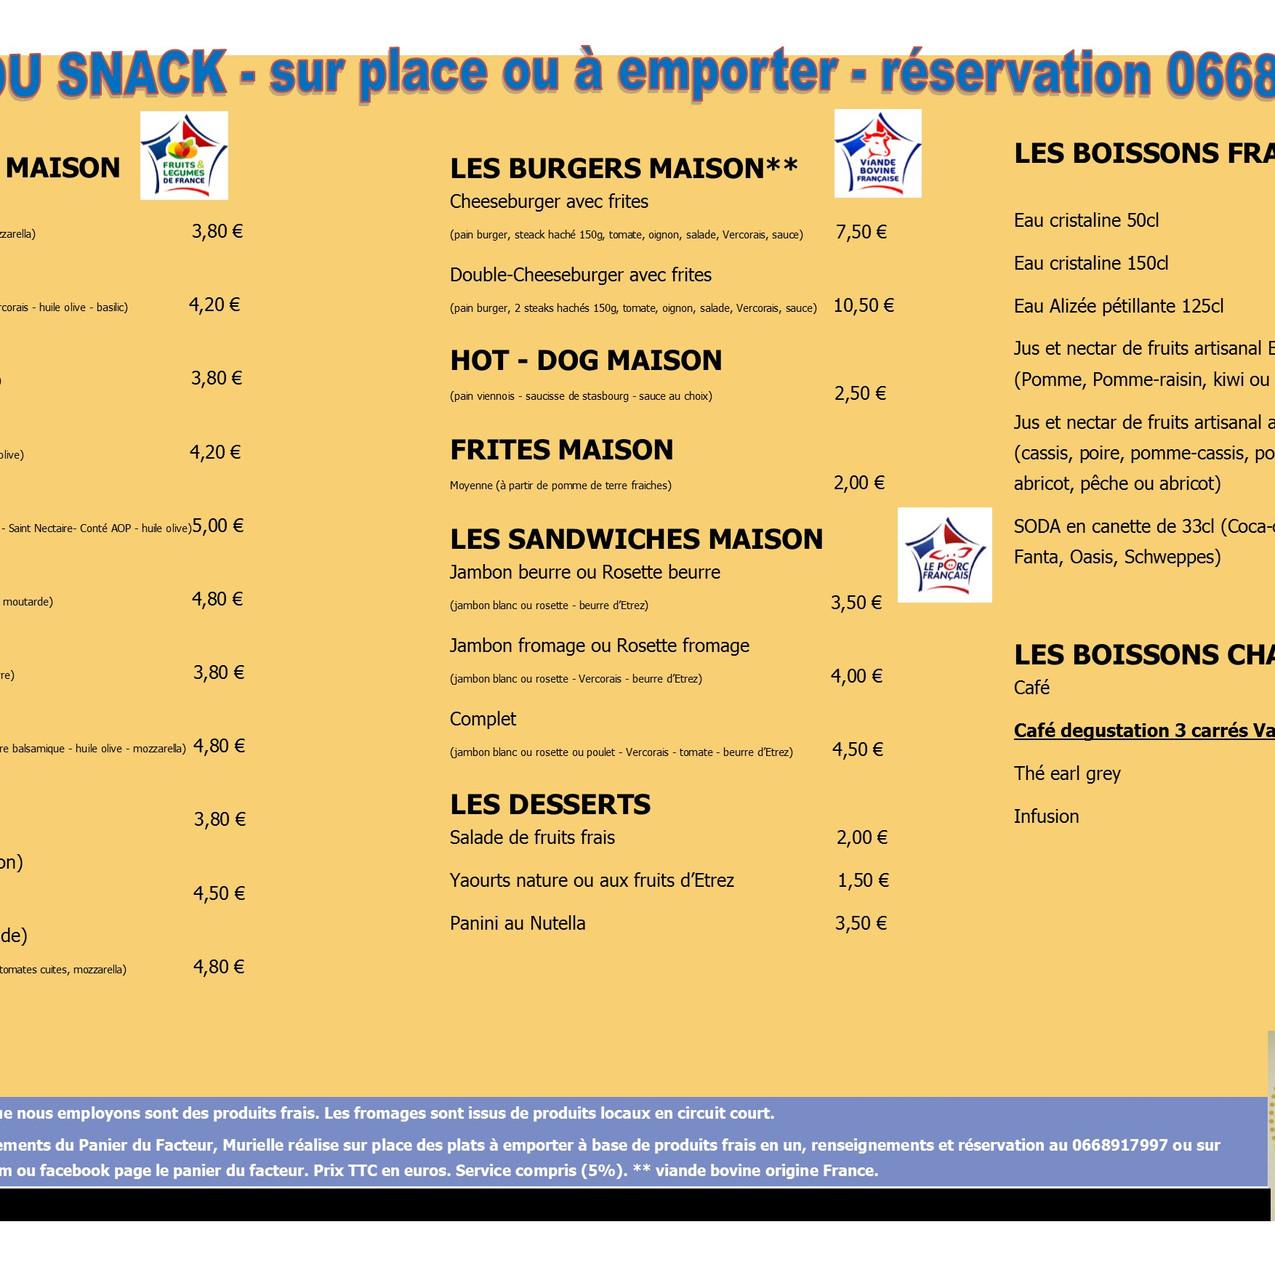 Carte menu snack A3